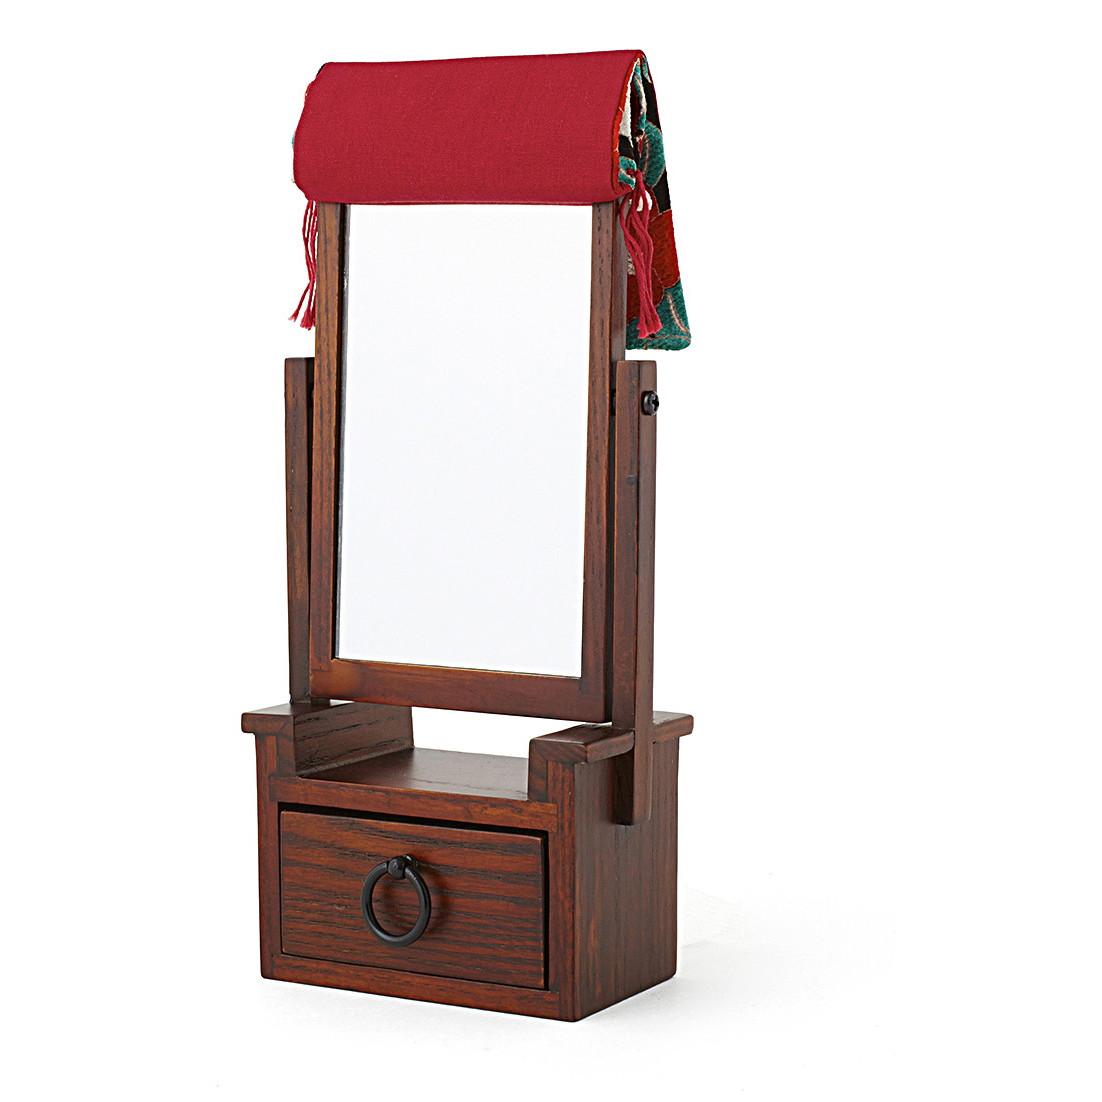 ミニサイズだけど 手鏡代わりに使えて実用的 ふるさと納税 木製 安全 さくらの舞 姫鏡台 赤 買物